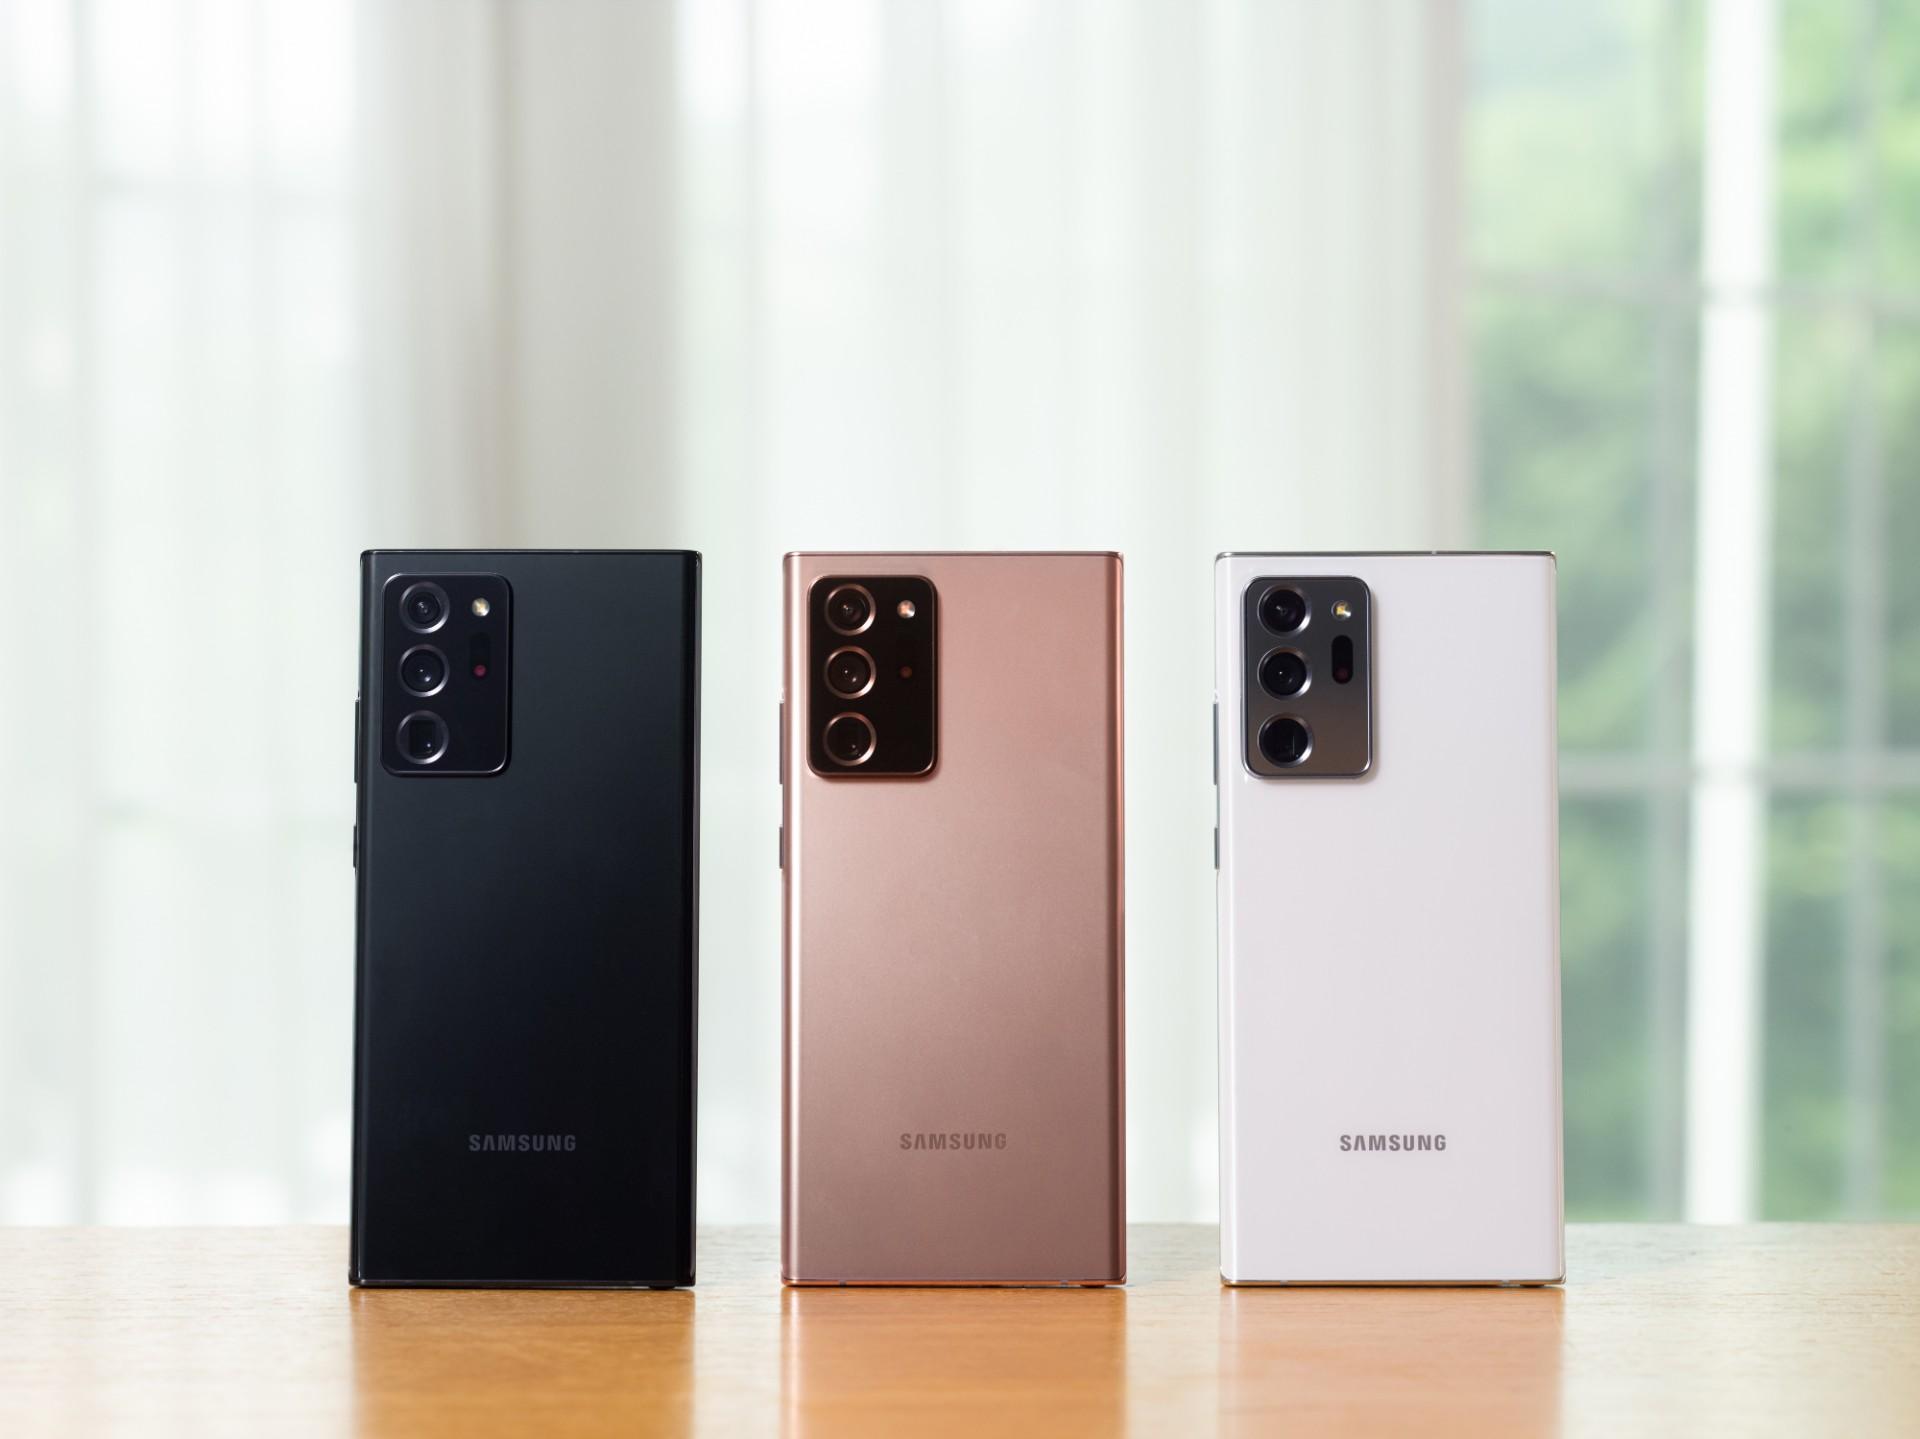 Samsung'dan tasarım ve renkleriyle kendine hayran bırakan yepyeni Galaxy Note20 Serisi